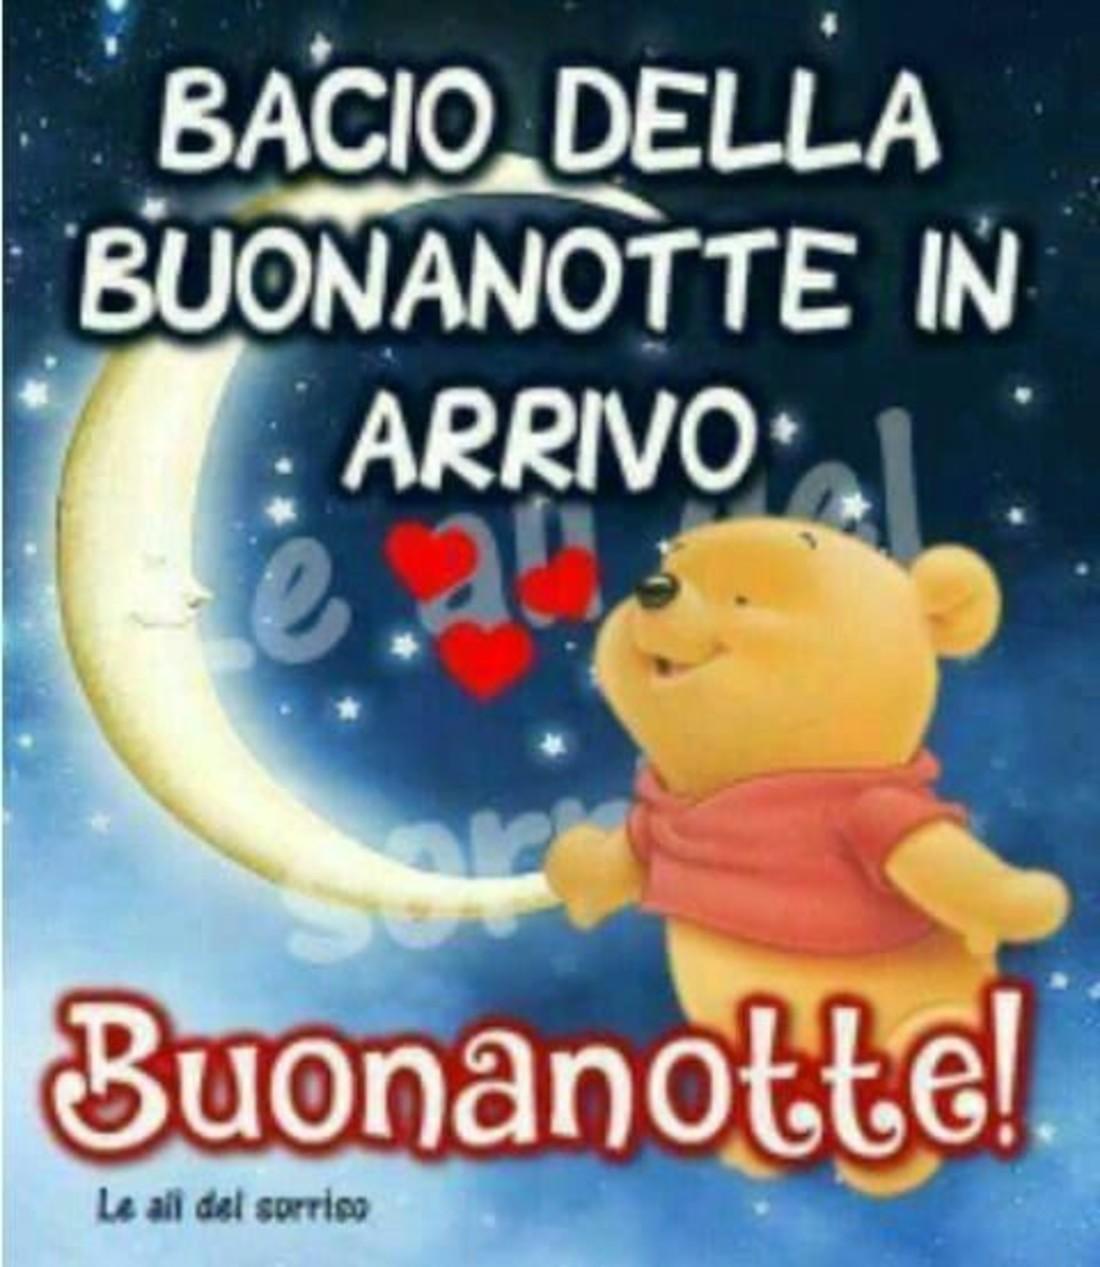 Bacio della Buonanotte in arrivo (Winnie The Pooh)